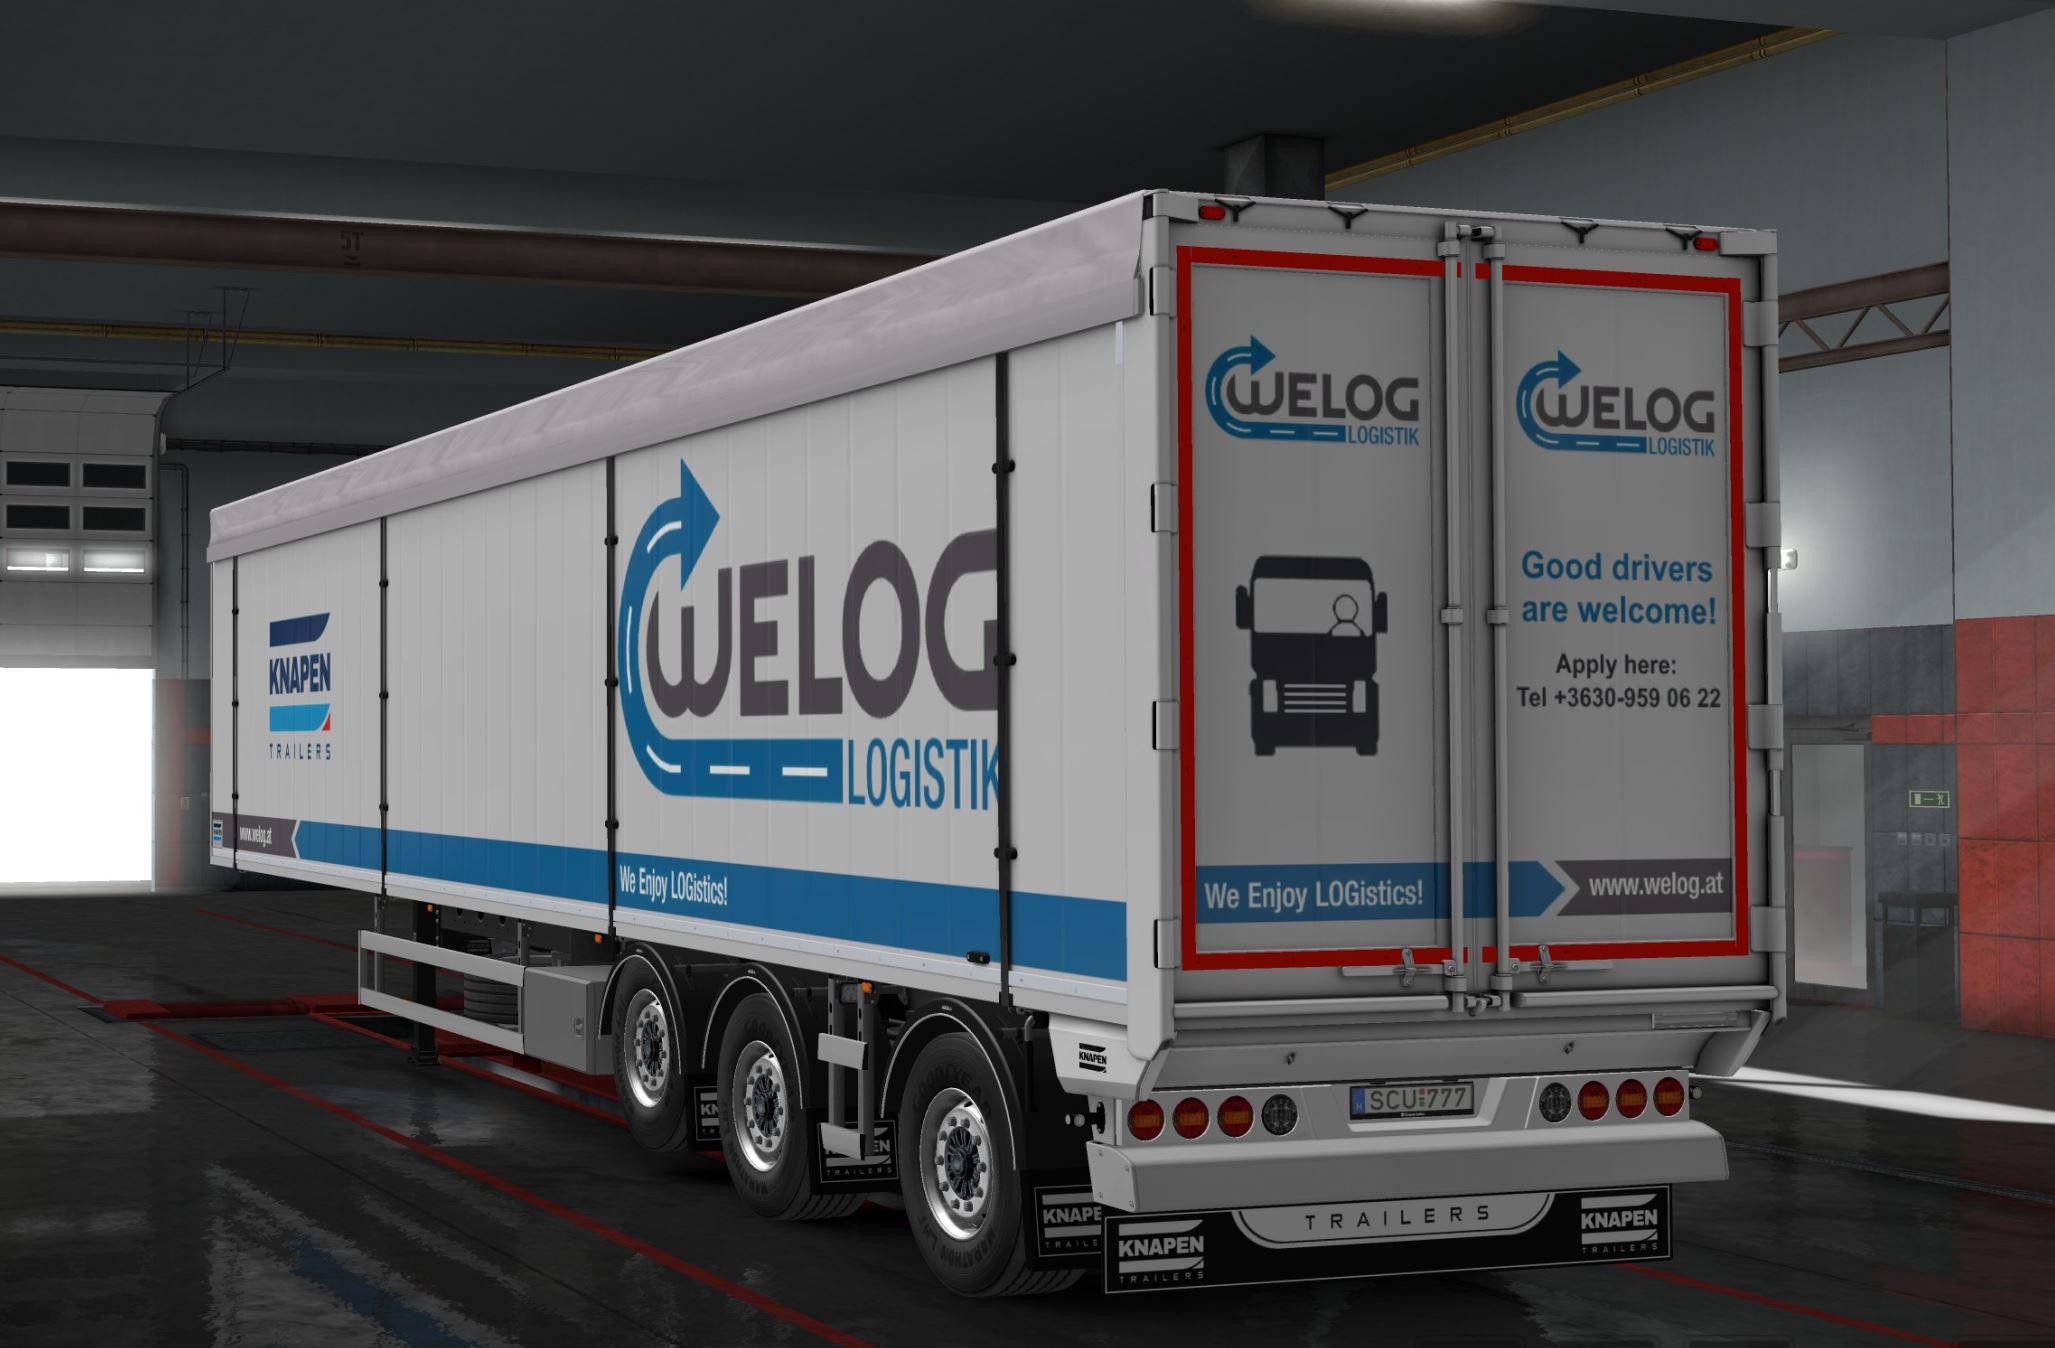 RUDIS KNAPEN SKINS V1 0 MOD 2 - ETS 2 Mods | Euro Truck Simulator 2 Mods